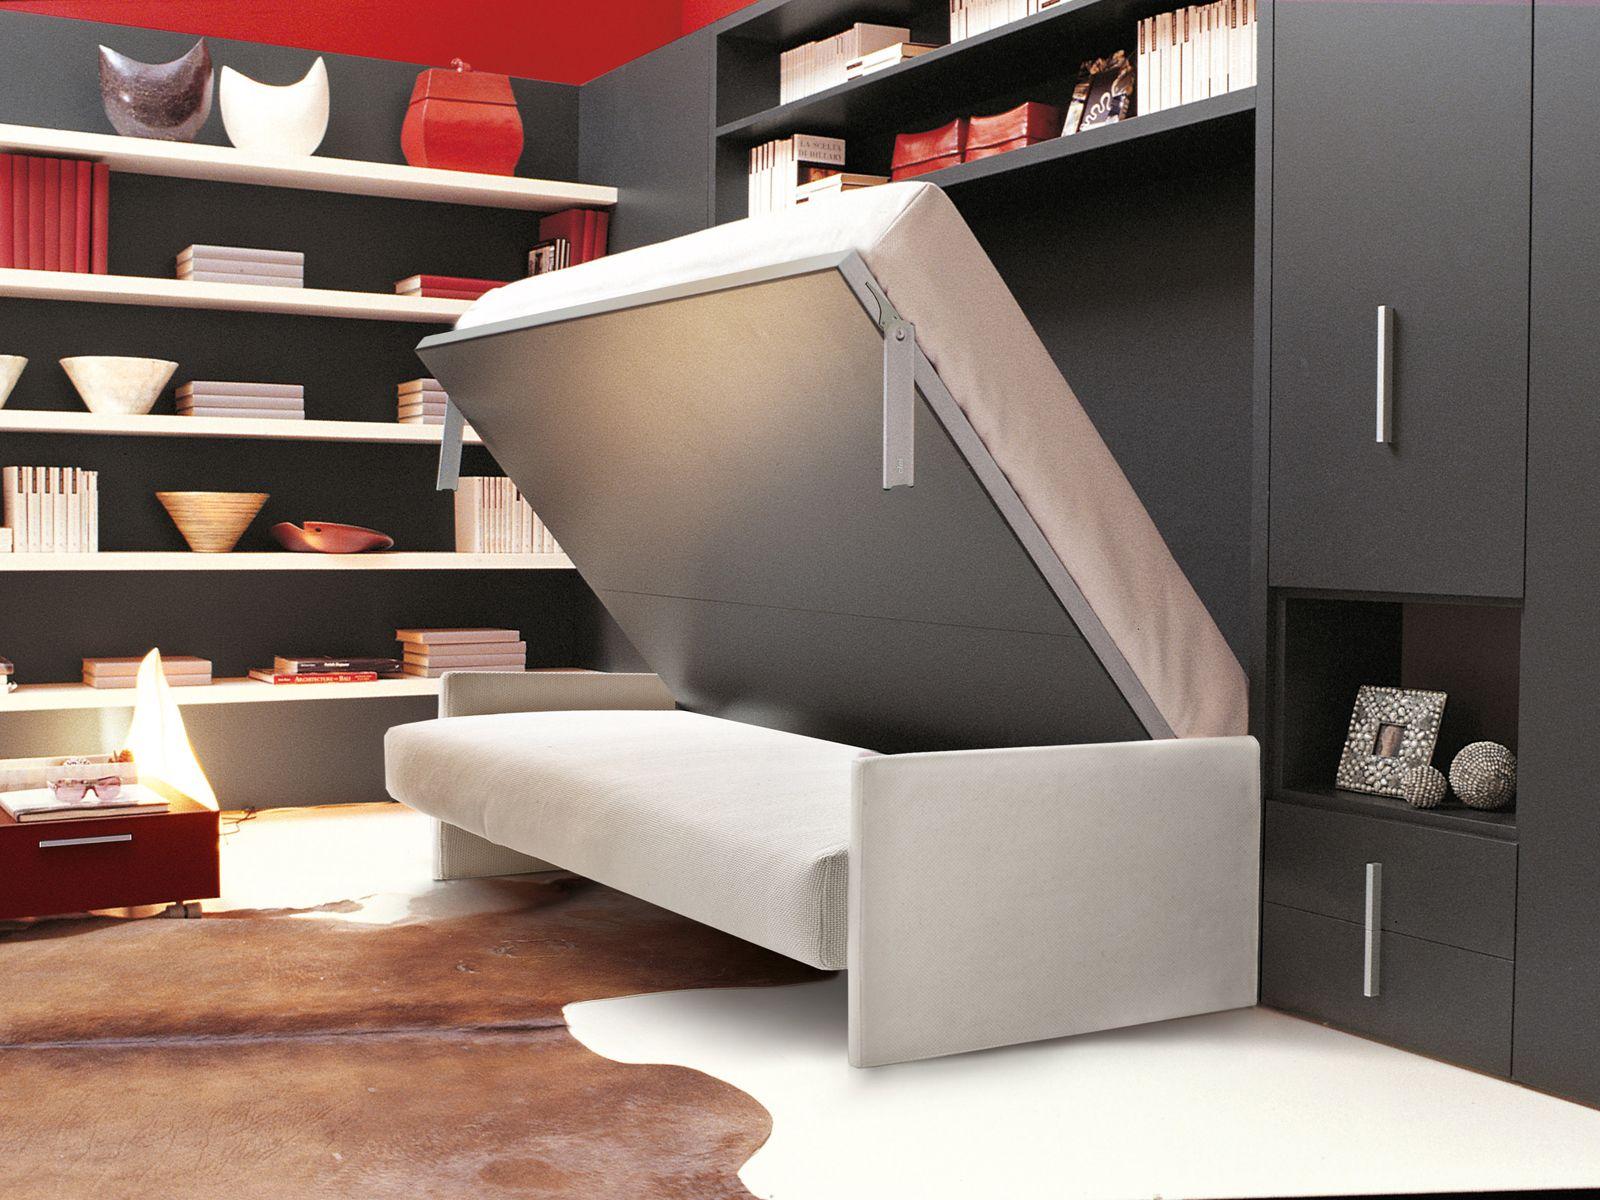 Mueble Modular De Pared Con Cama Abatible Circe Sofa By Clei  ~ Camas Abatibles Horizontales Ikea